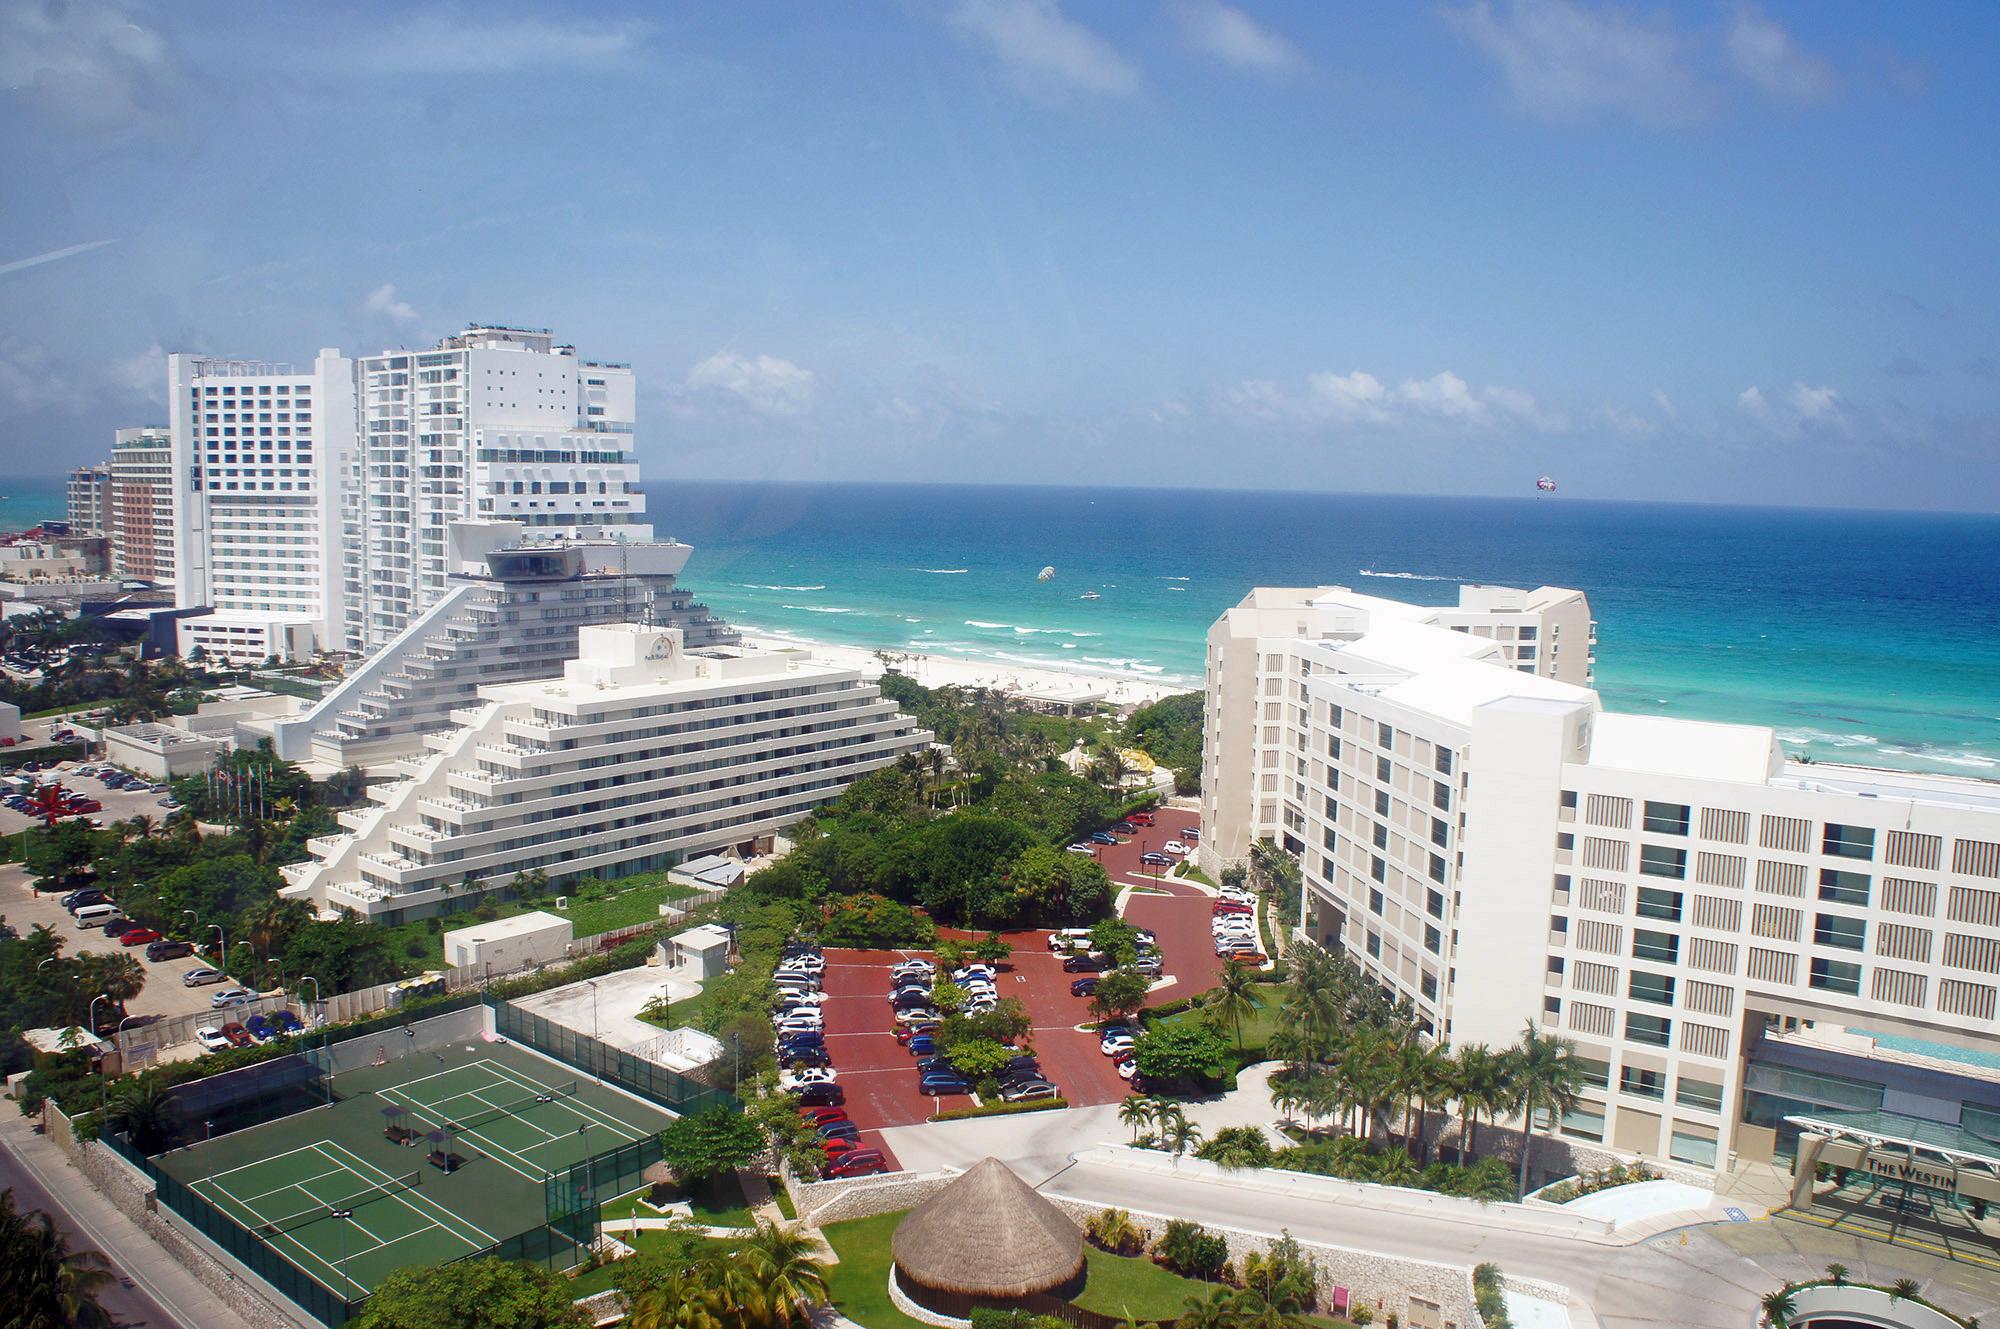 За полвека город Канкун, притягивающий туристов со всего мира, превратился из рыбацкой деревушки в развитый курорт с большими отелями и хорошими дорогами